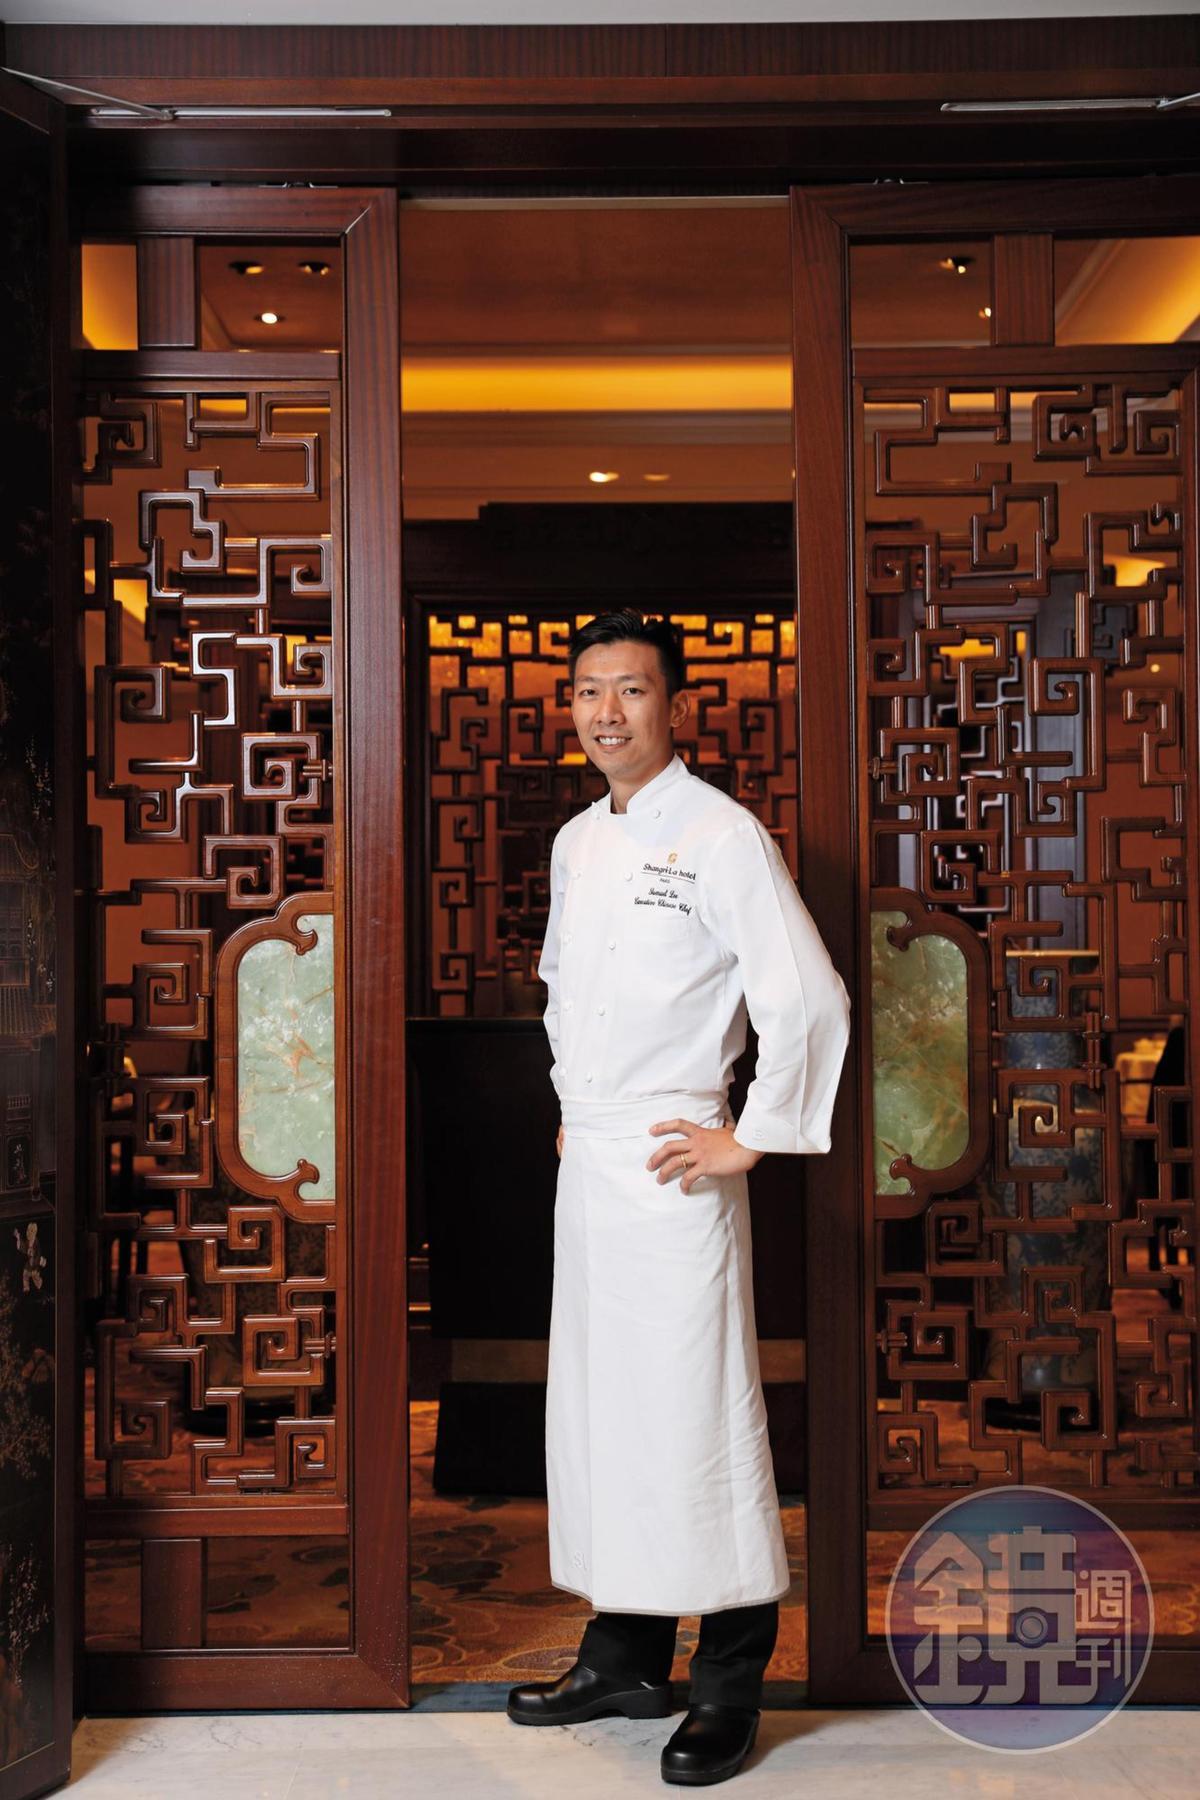 香港出生的李森,2014年來到法國,率領「巴黎香宮」持續拿下米其林一星,是巴黎一星名單中唯一的中餐廳。